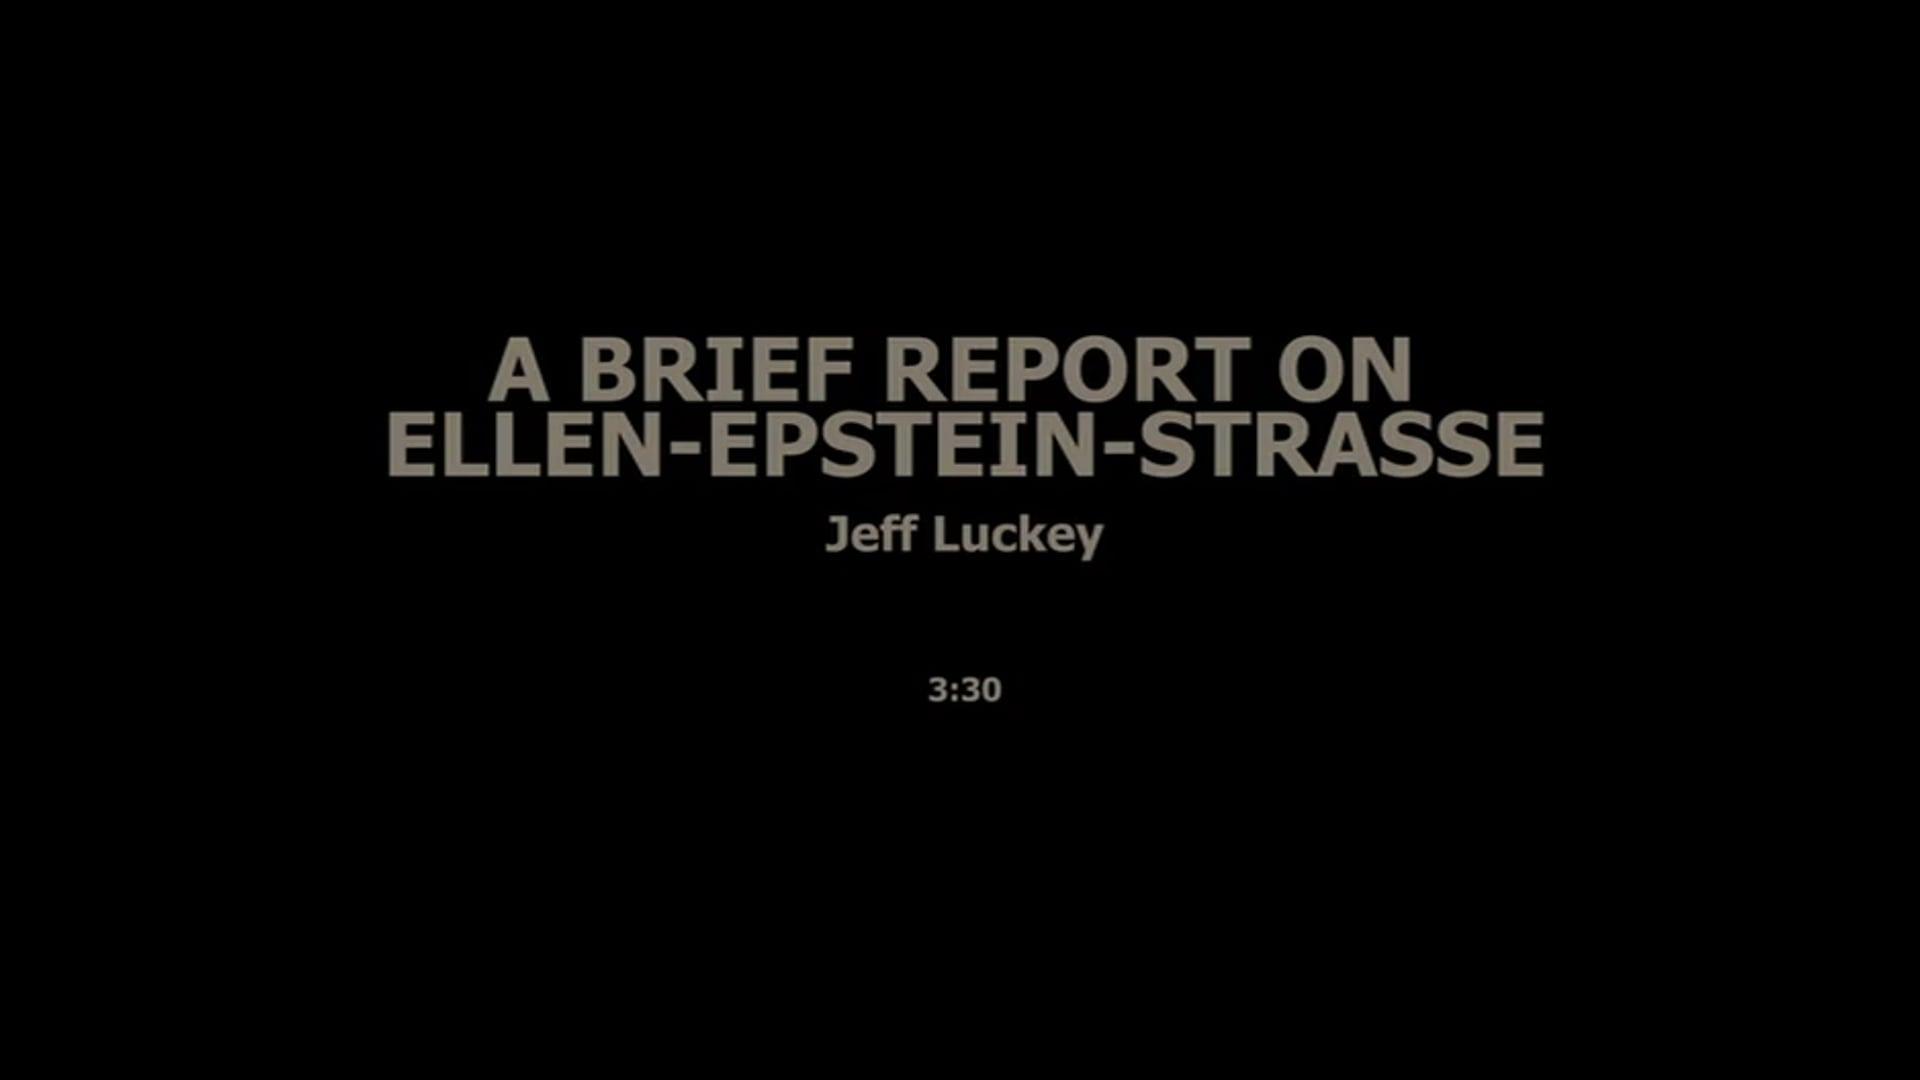 A BRIEF REPORT ON ELLEN-EPSTEIN-STRASSE - JEFF LUCKEY